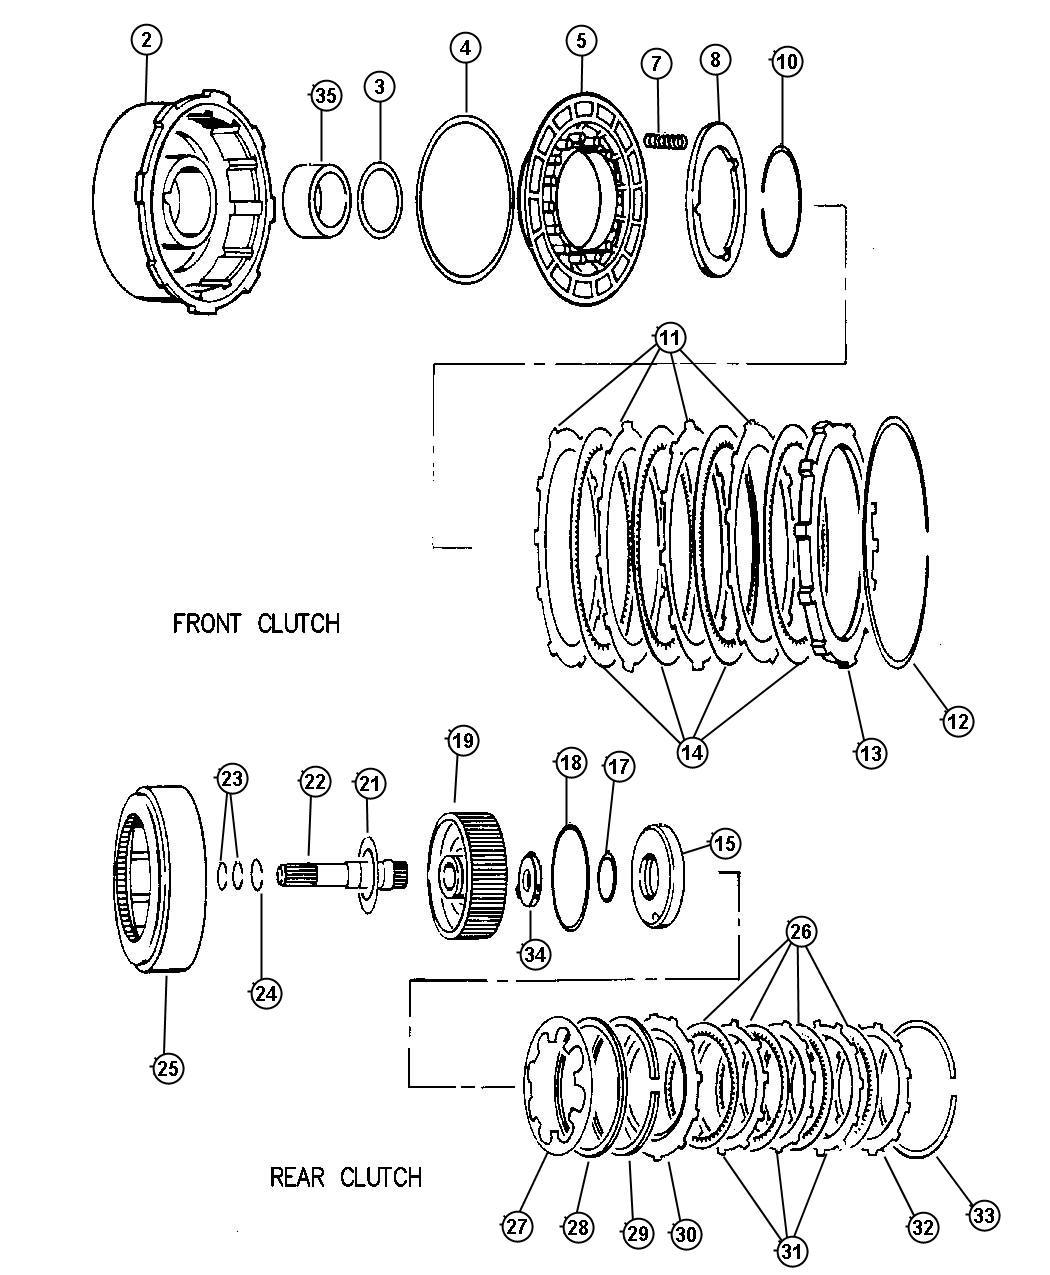 hight resolution of dodge 46re transmission diagram dodge free engine image